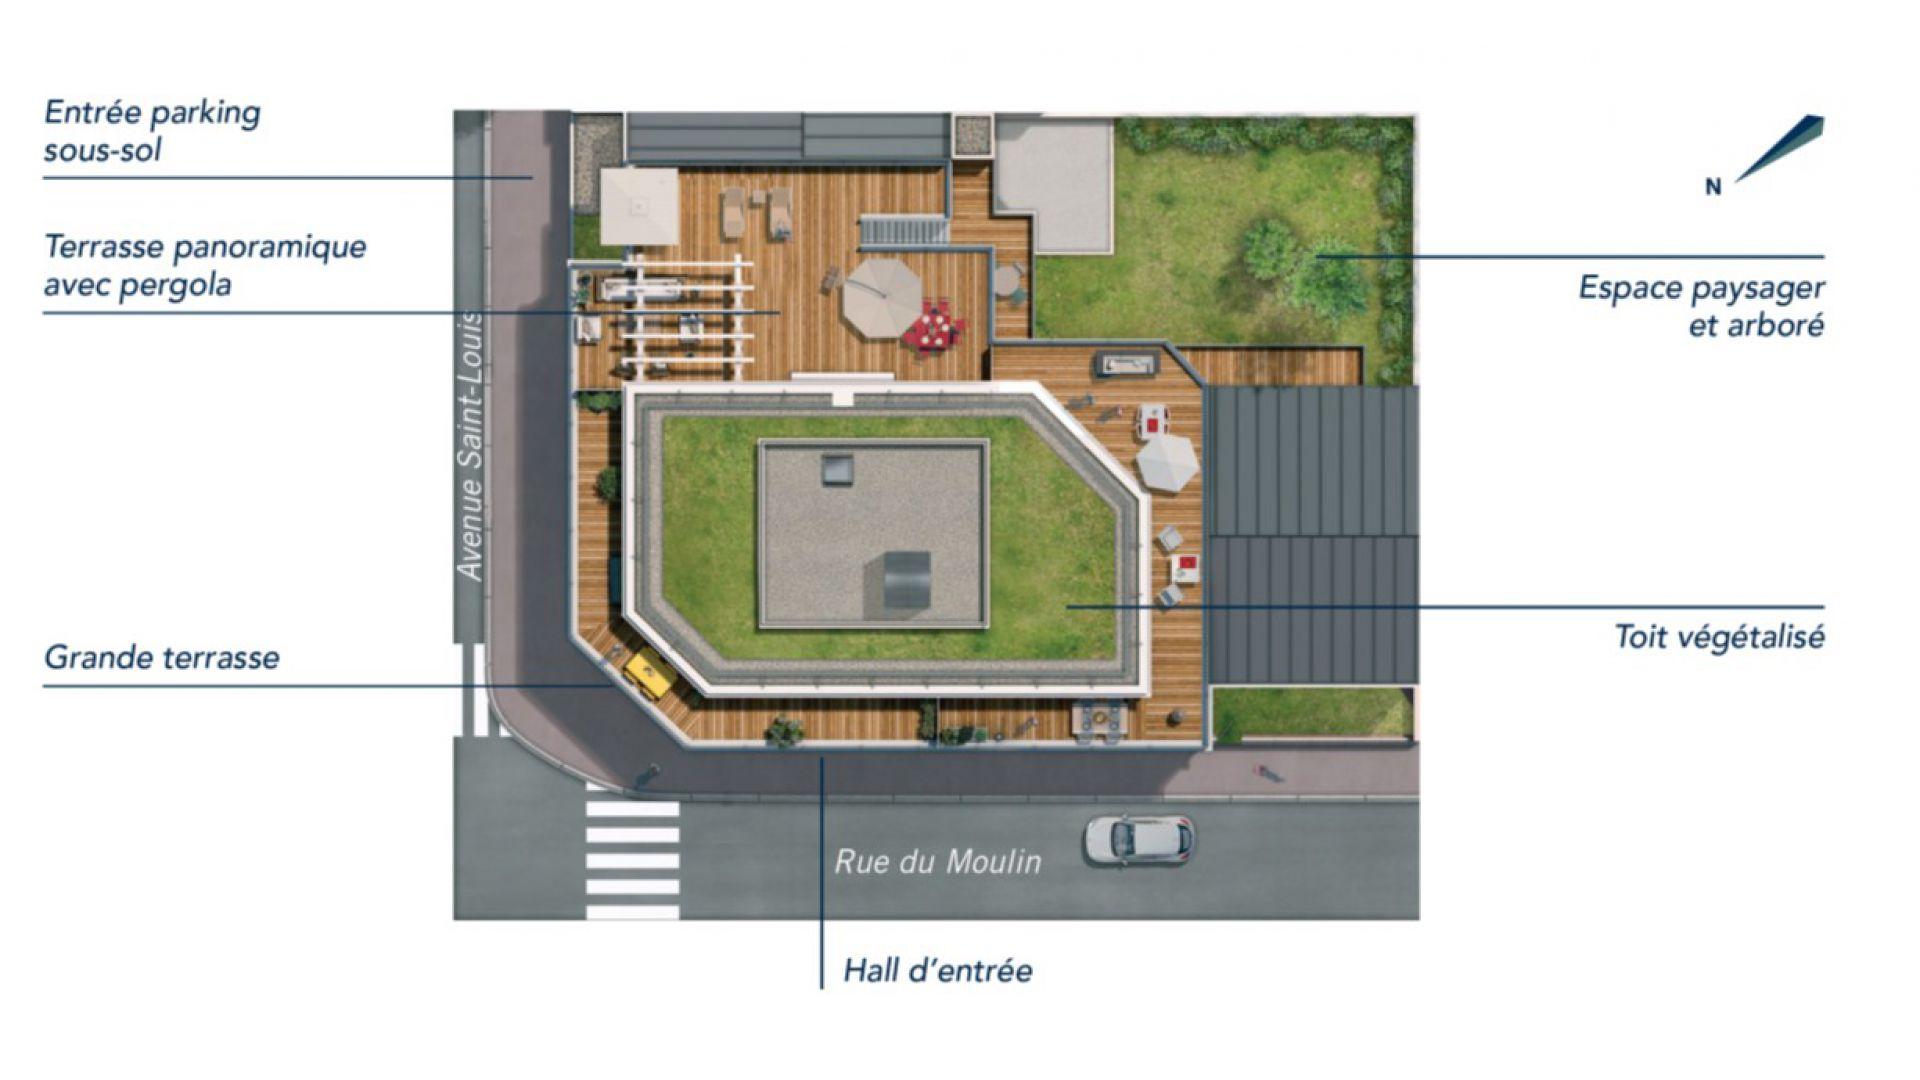 Greencity Immobilier - Résidence Le 26 Saint-Louis - 94100 Saint-Maur les Fossés - appartements neufs du T2 au T4   - plan de masse